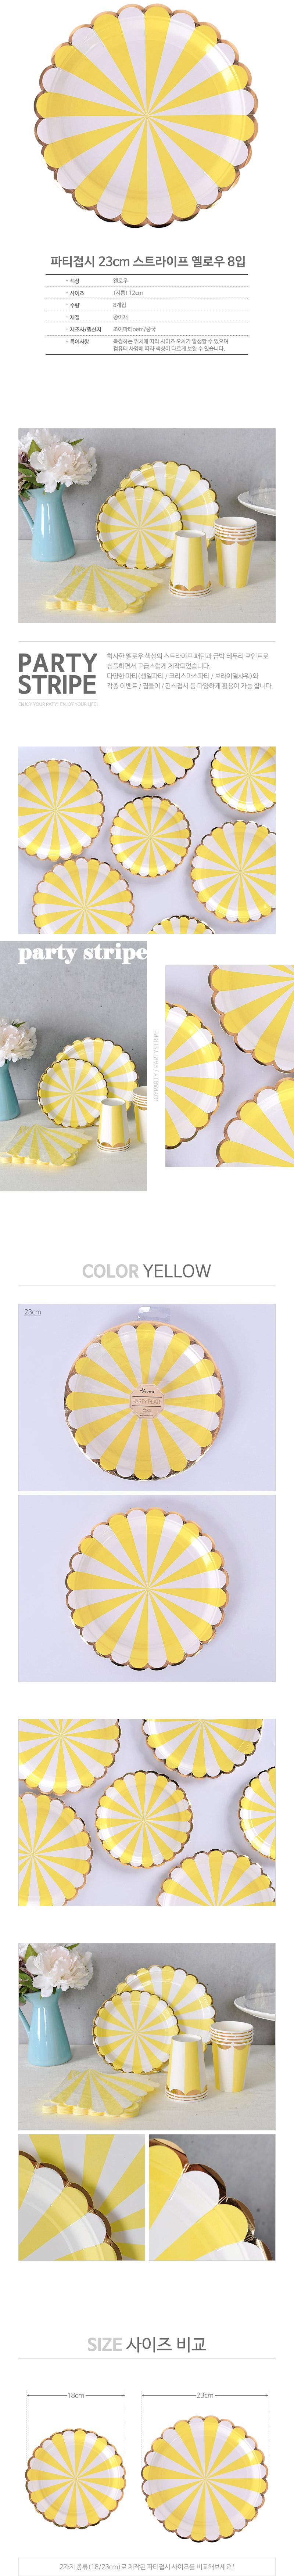 파티접시 23cm 스트라이프 옐로우 8입 - 파티마트, 3,000원, 파티용품, 식기/테이블/세트